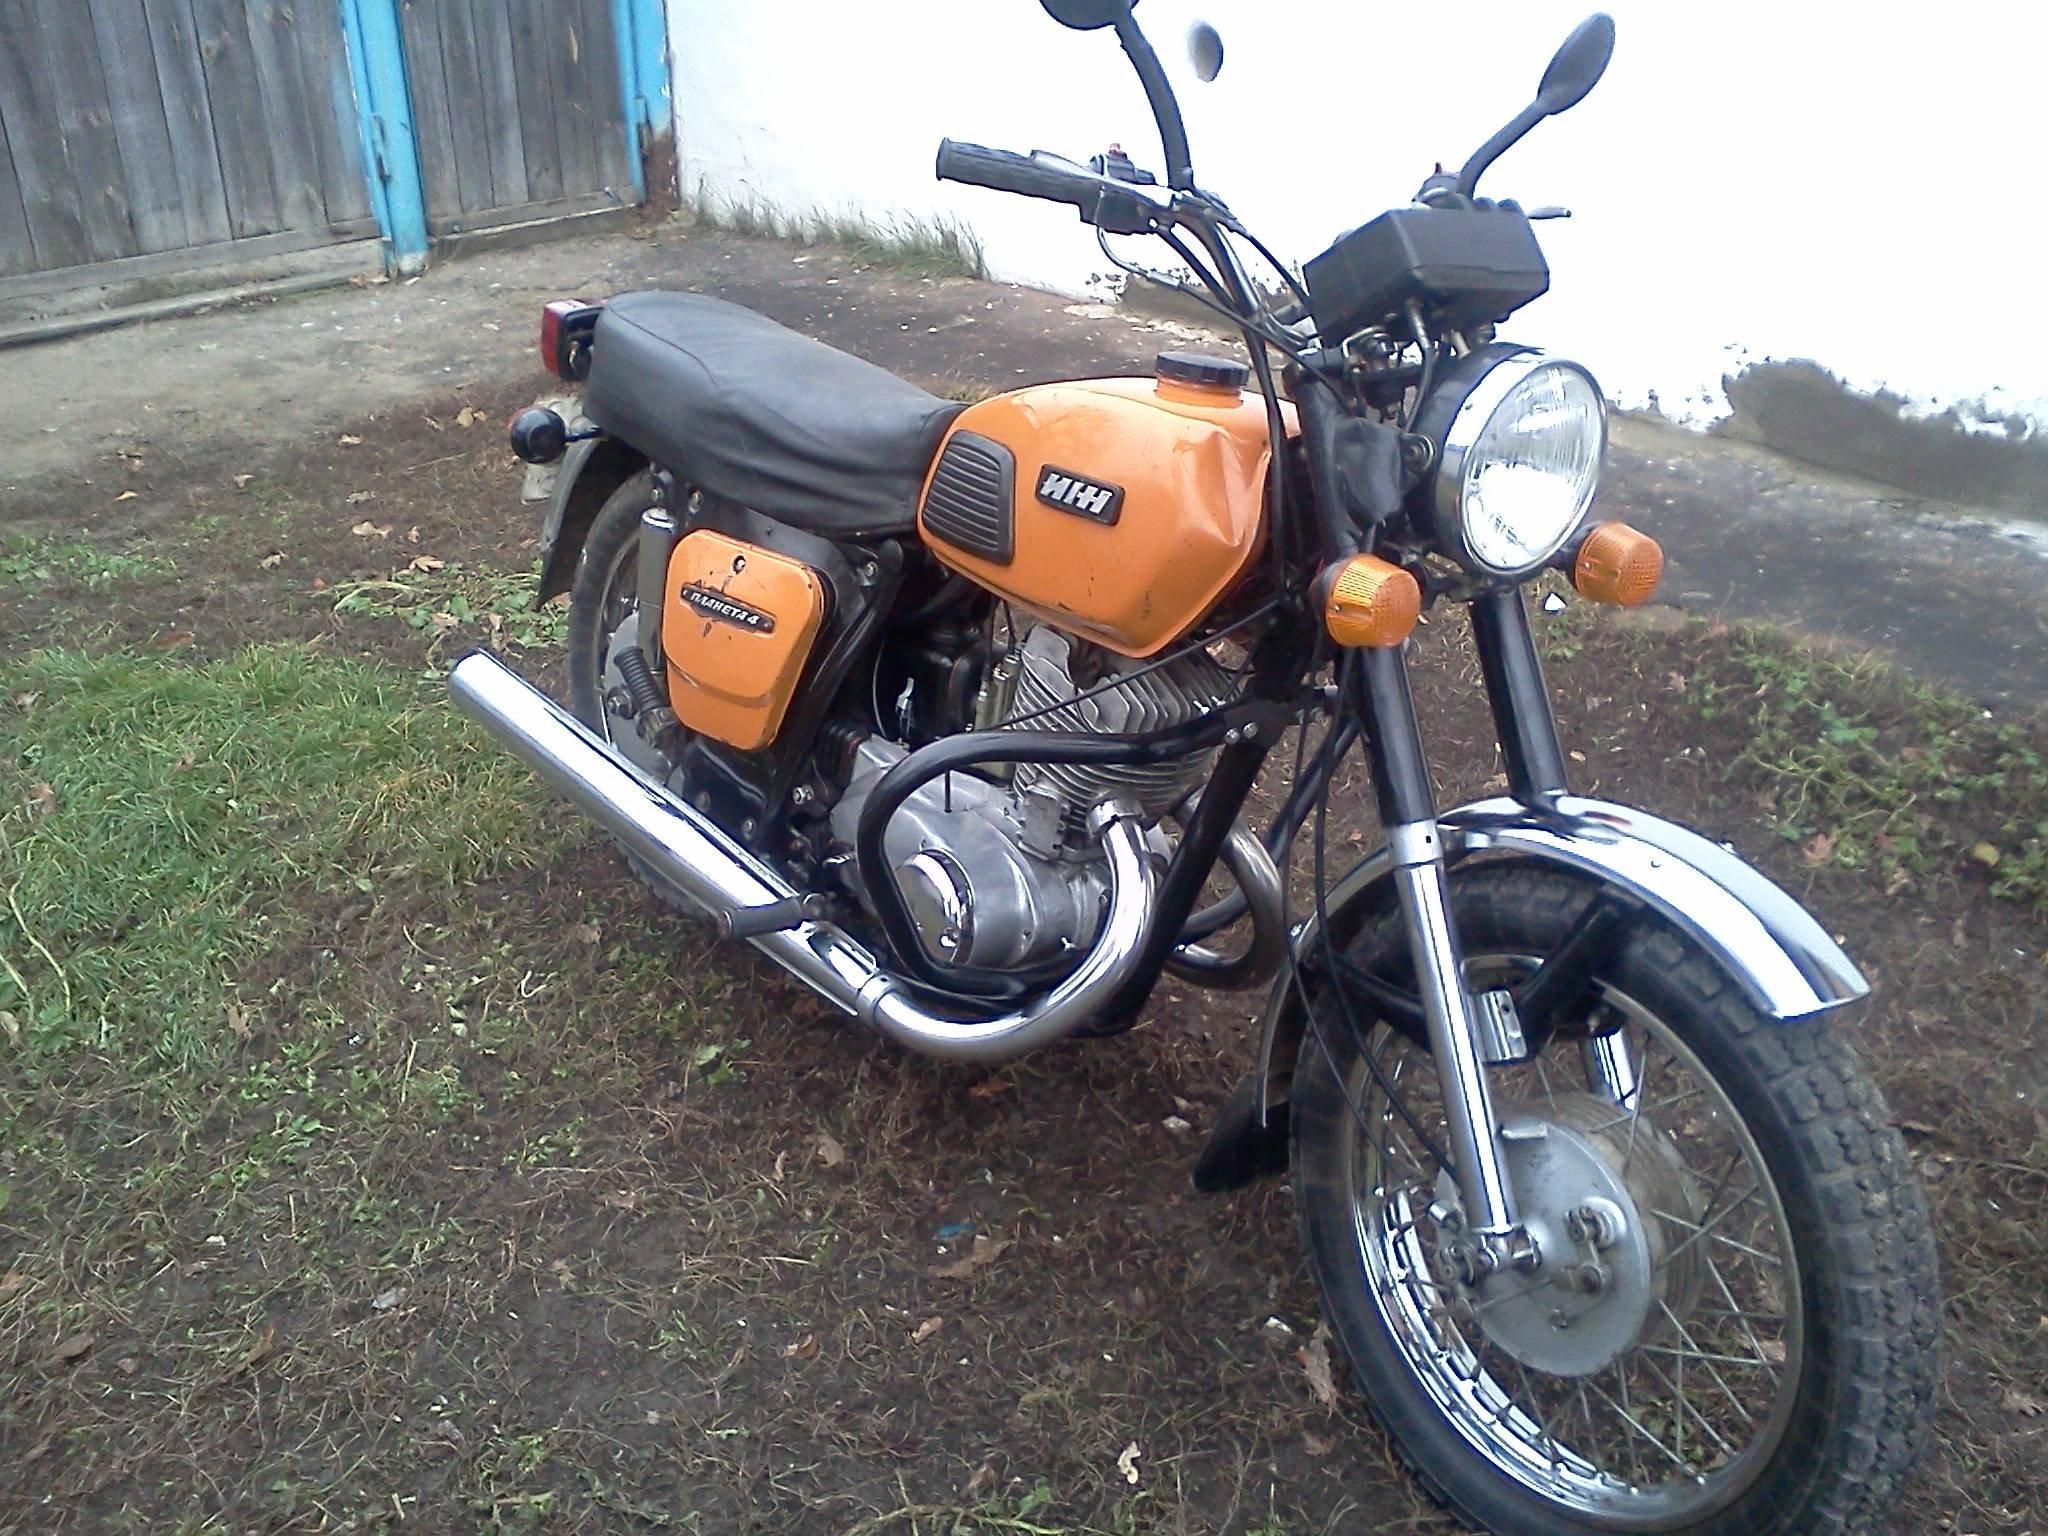 ij Житель Кислиц сходил в бар и остался без мотоцикла